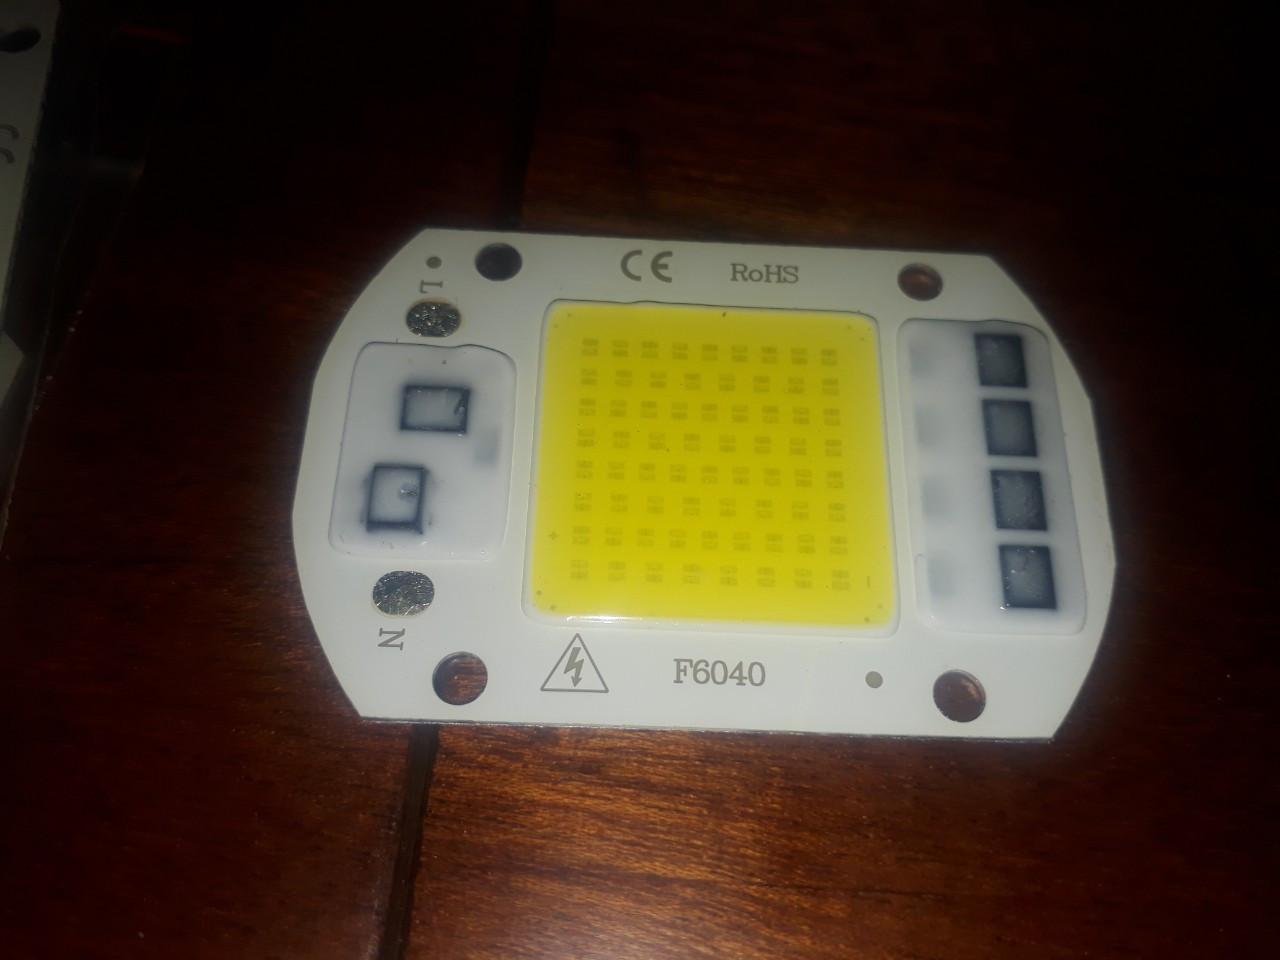 Smart IC LED 50w 220V 1mm. Светодиод 50 ватт 220 вольт светодиодная матрица 50w с драйвером на борту